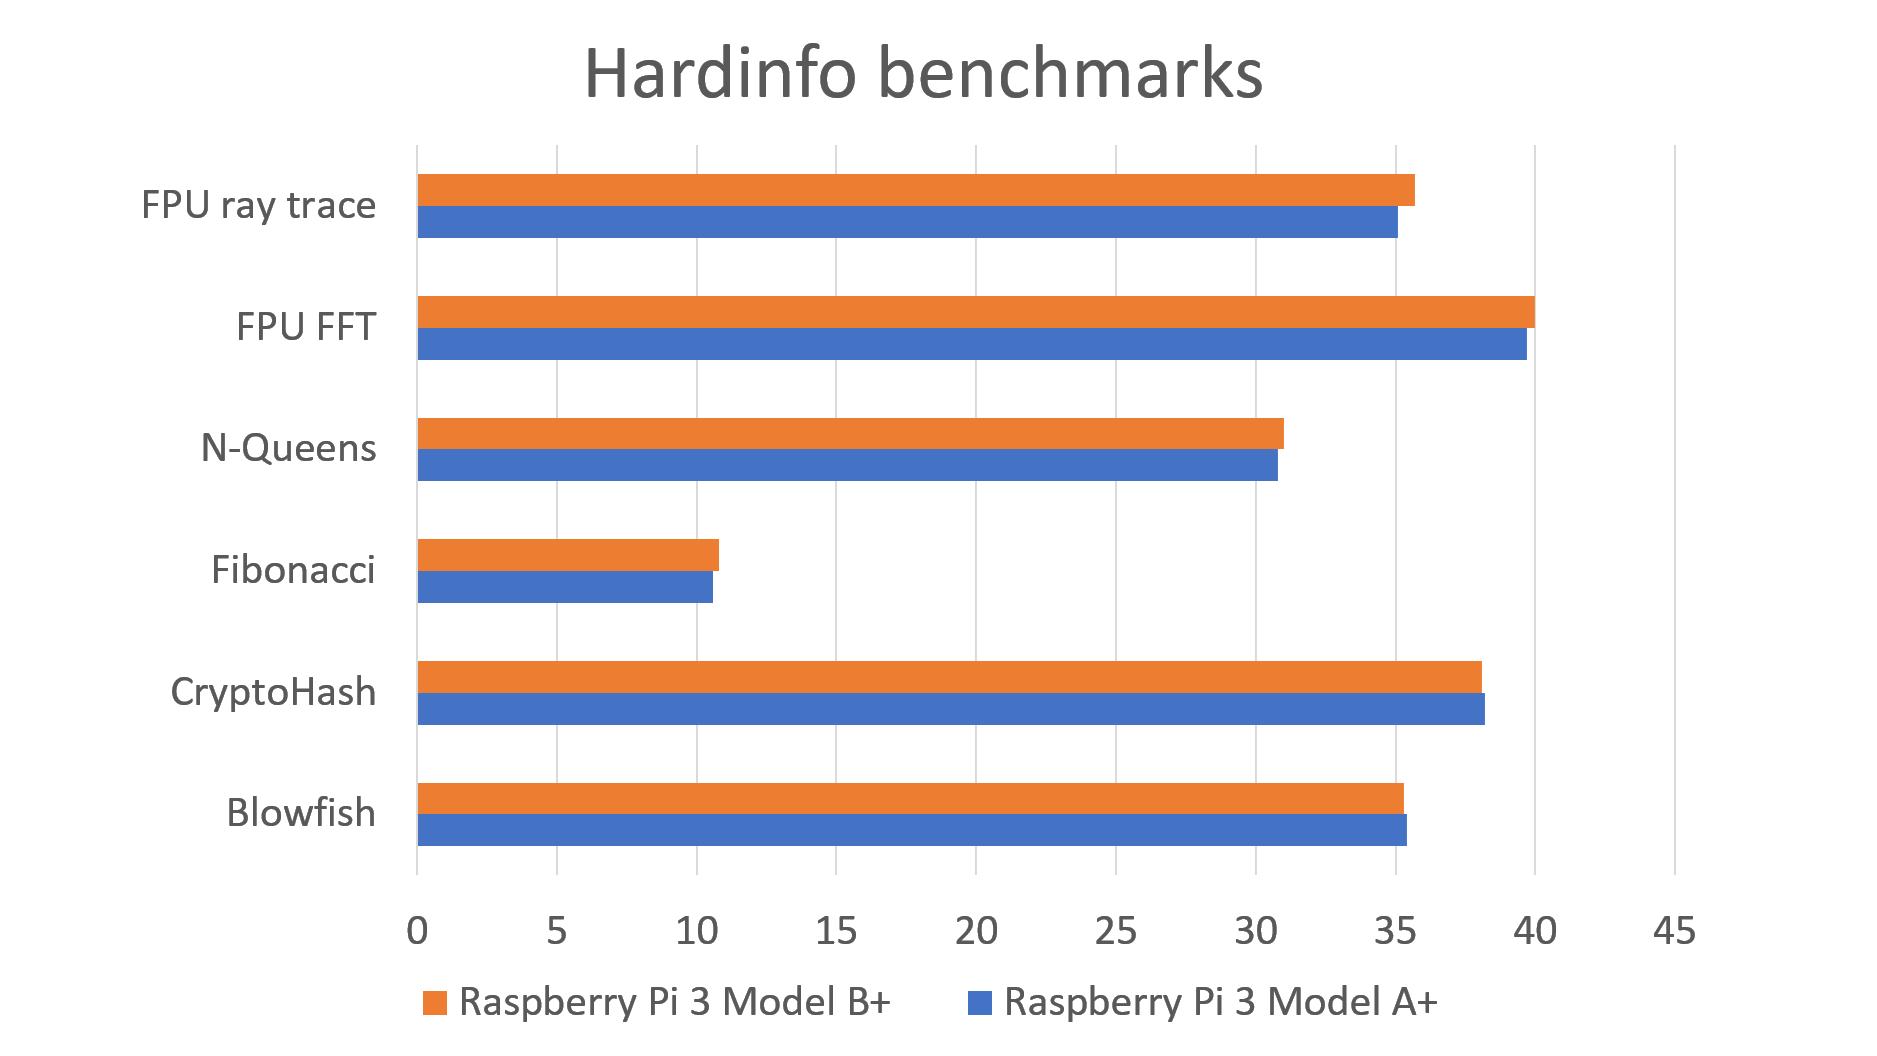 بنچمارک تفاوت برد رزبری پای 3 A و B در Raspberry pi 3 model A+ - دیجی اسپارک